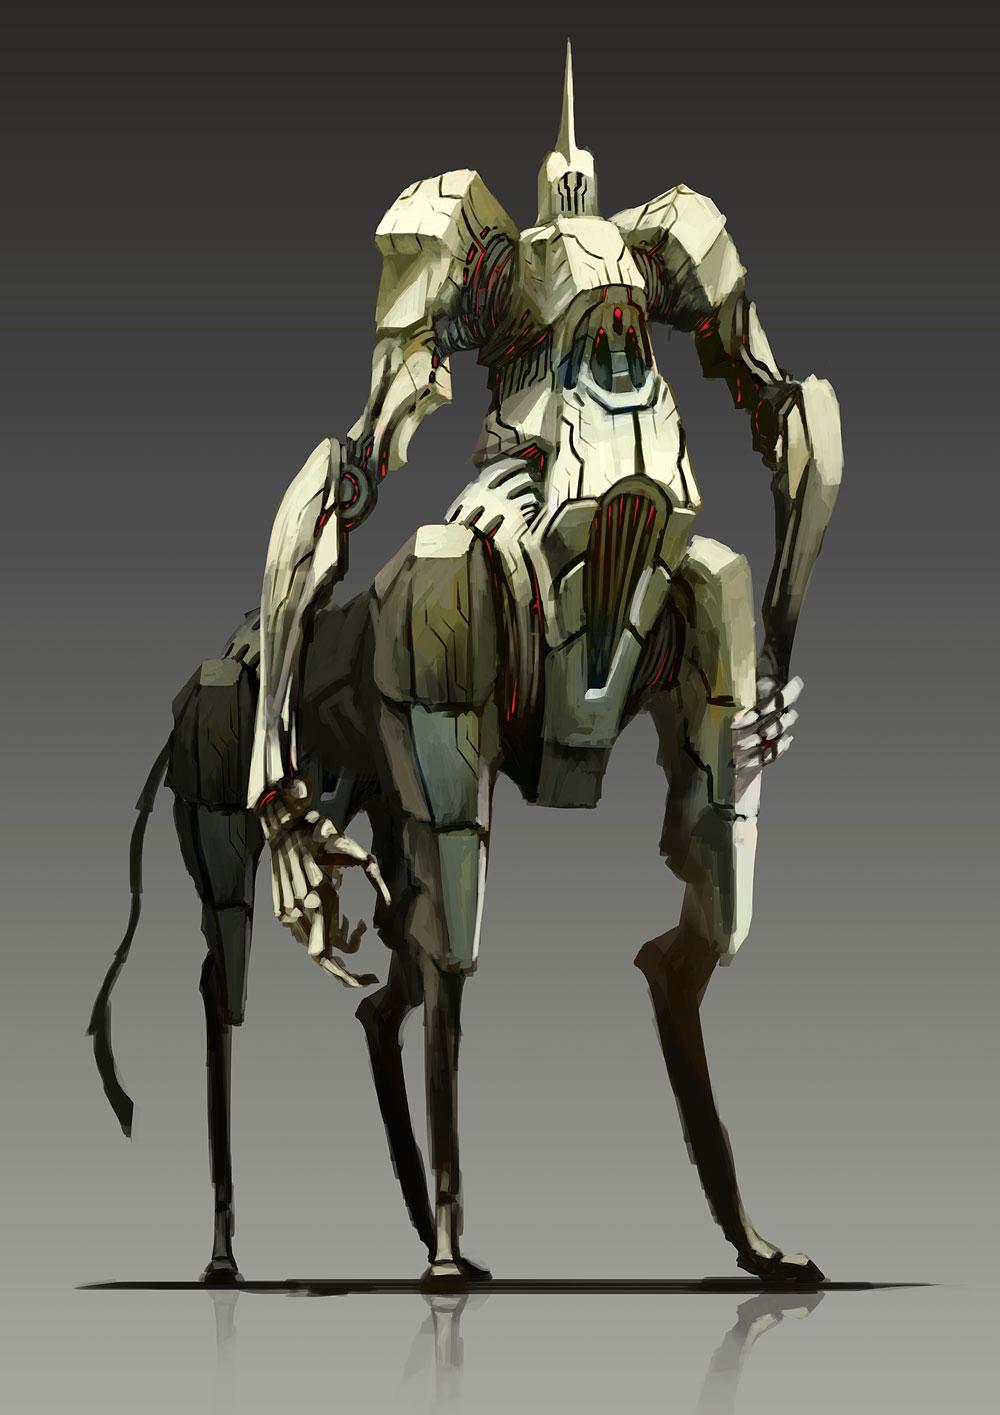 Cybertaur by gegig